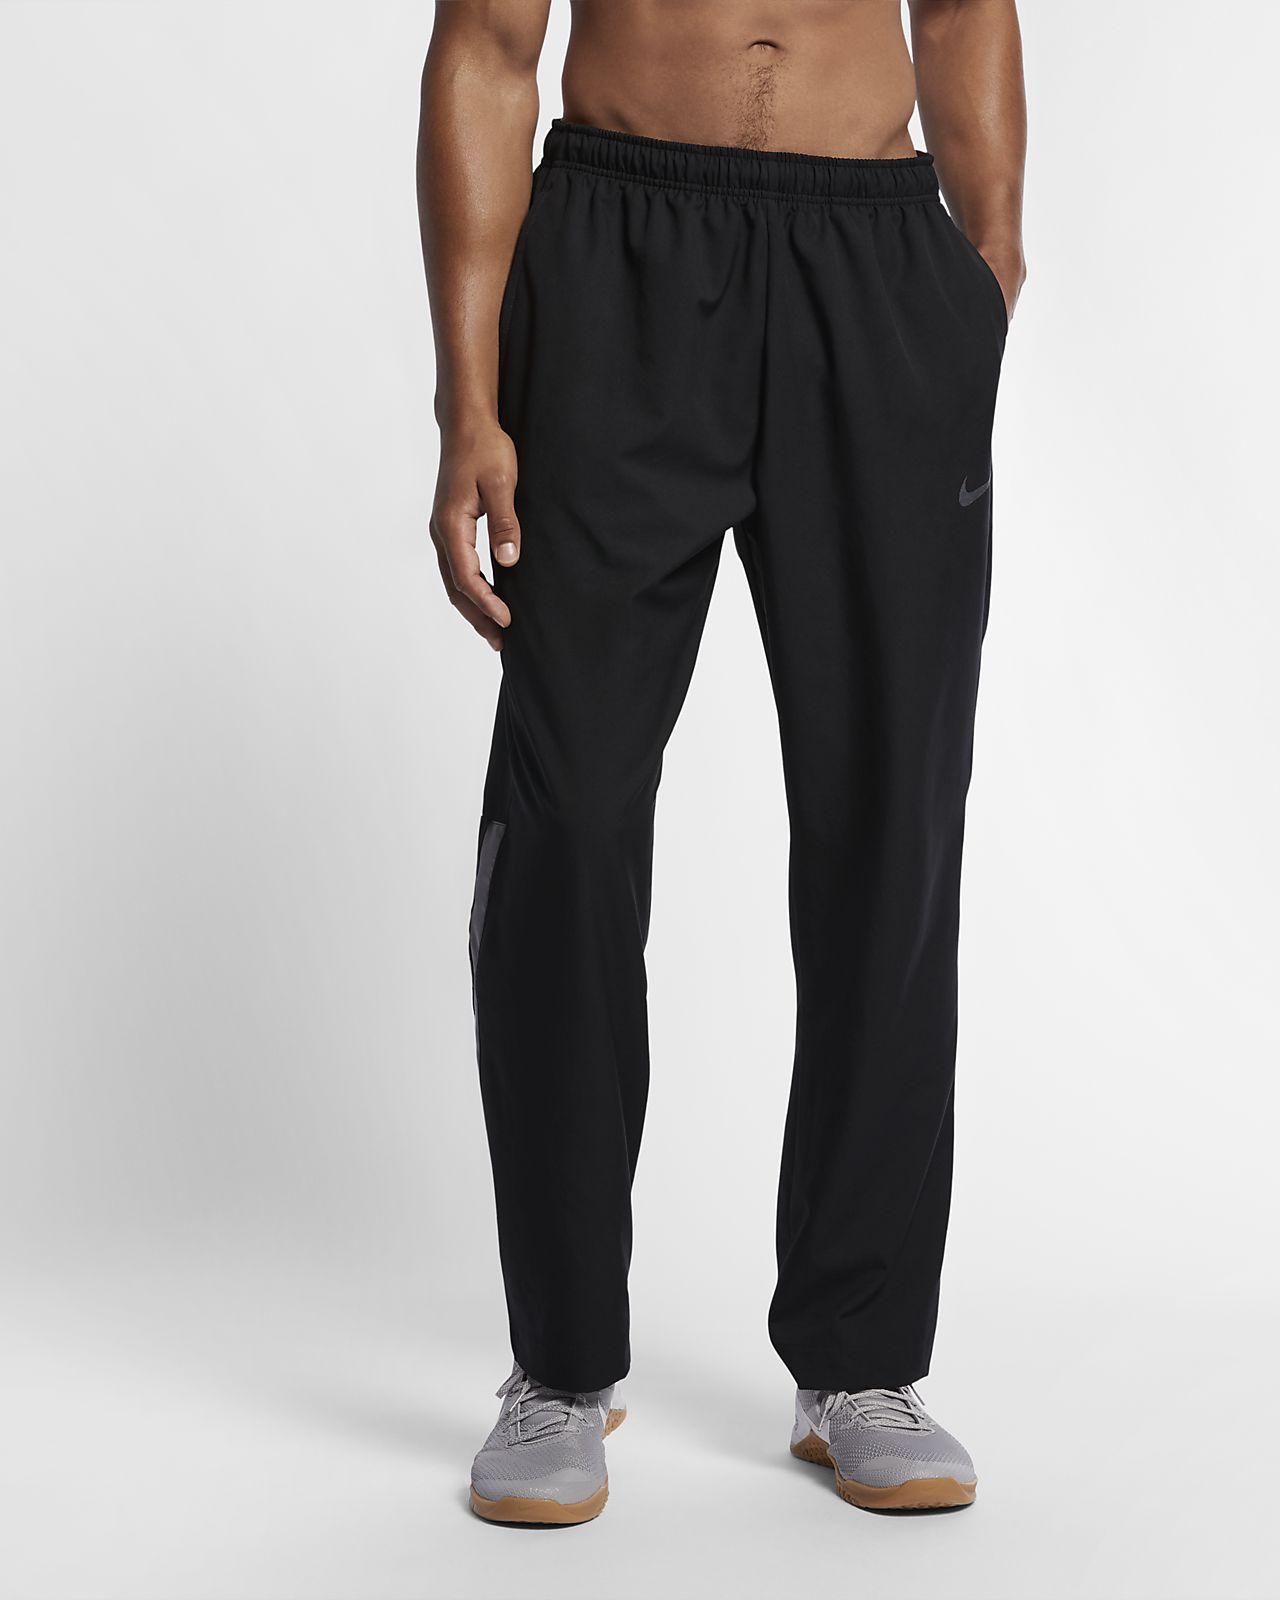 Męskie spodnie treningowe Nike Dri FIT